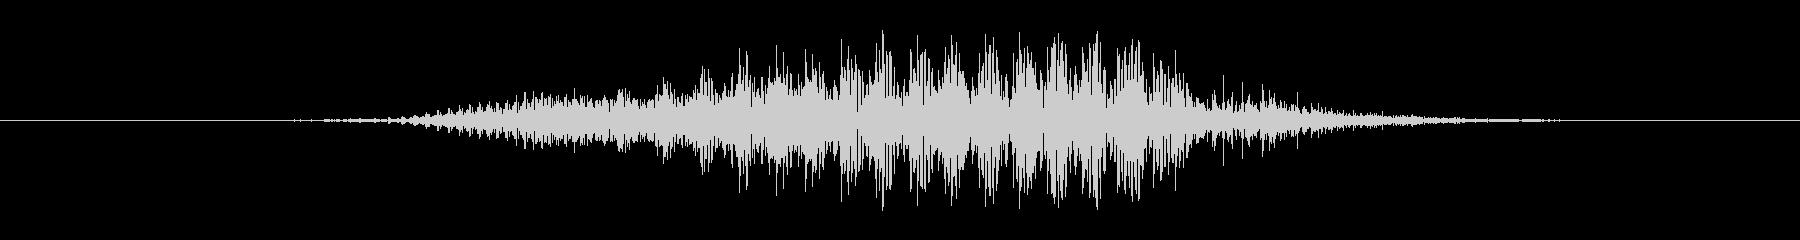 鳴き声 男性のうめき株11の未再生の波形